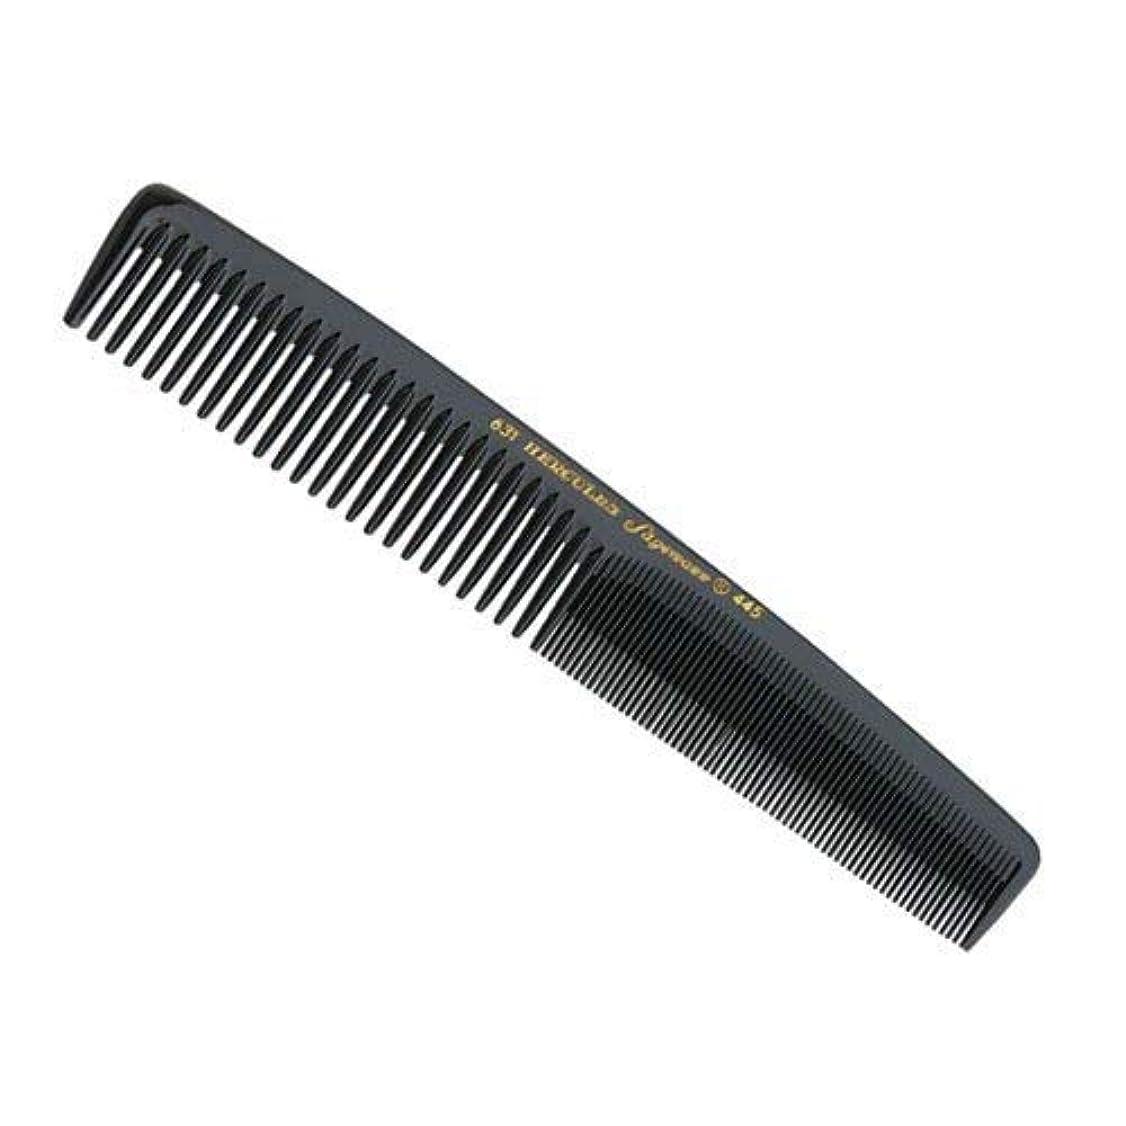 管理者雪著者Hercules Sagemann Medium Waver Ladies Hair Comb, Length-17.8 cm [並行輸入品]